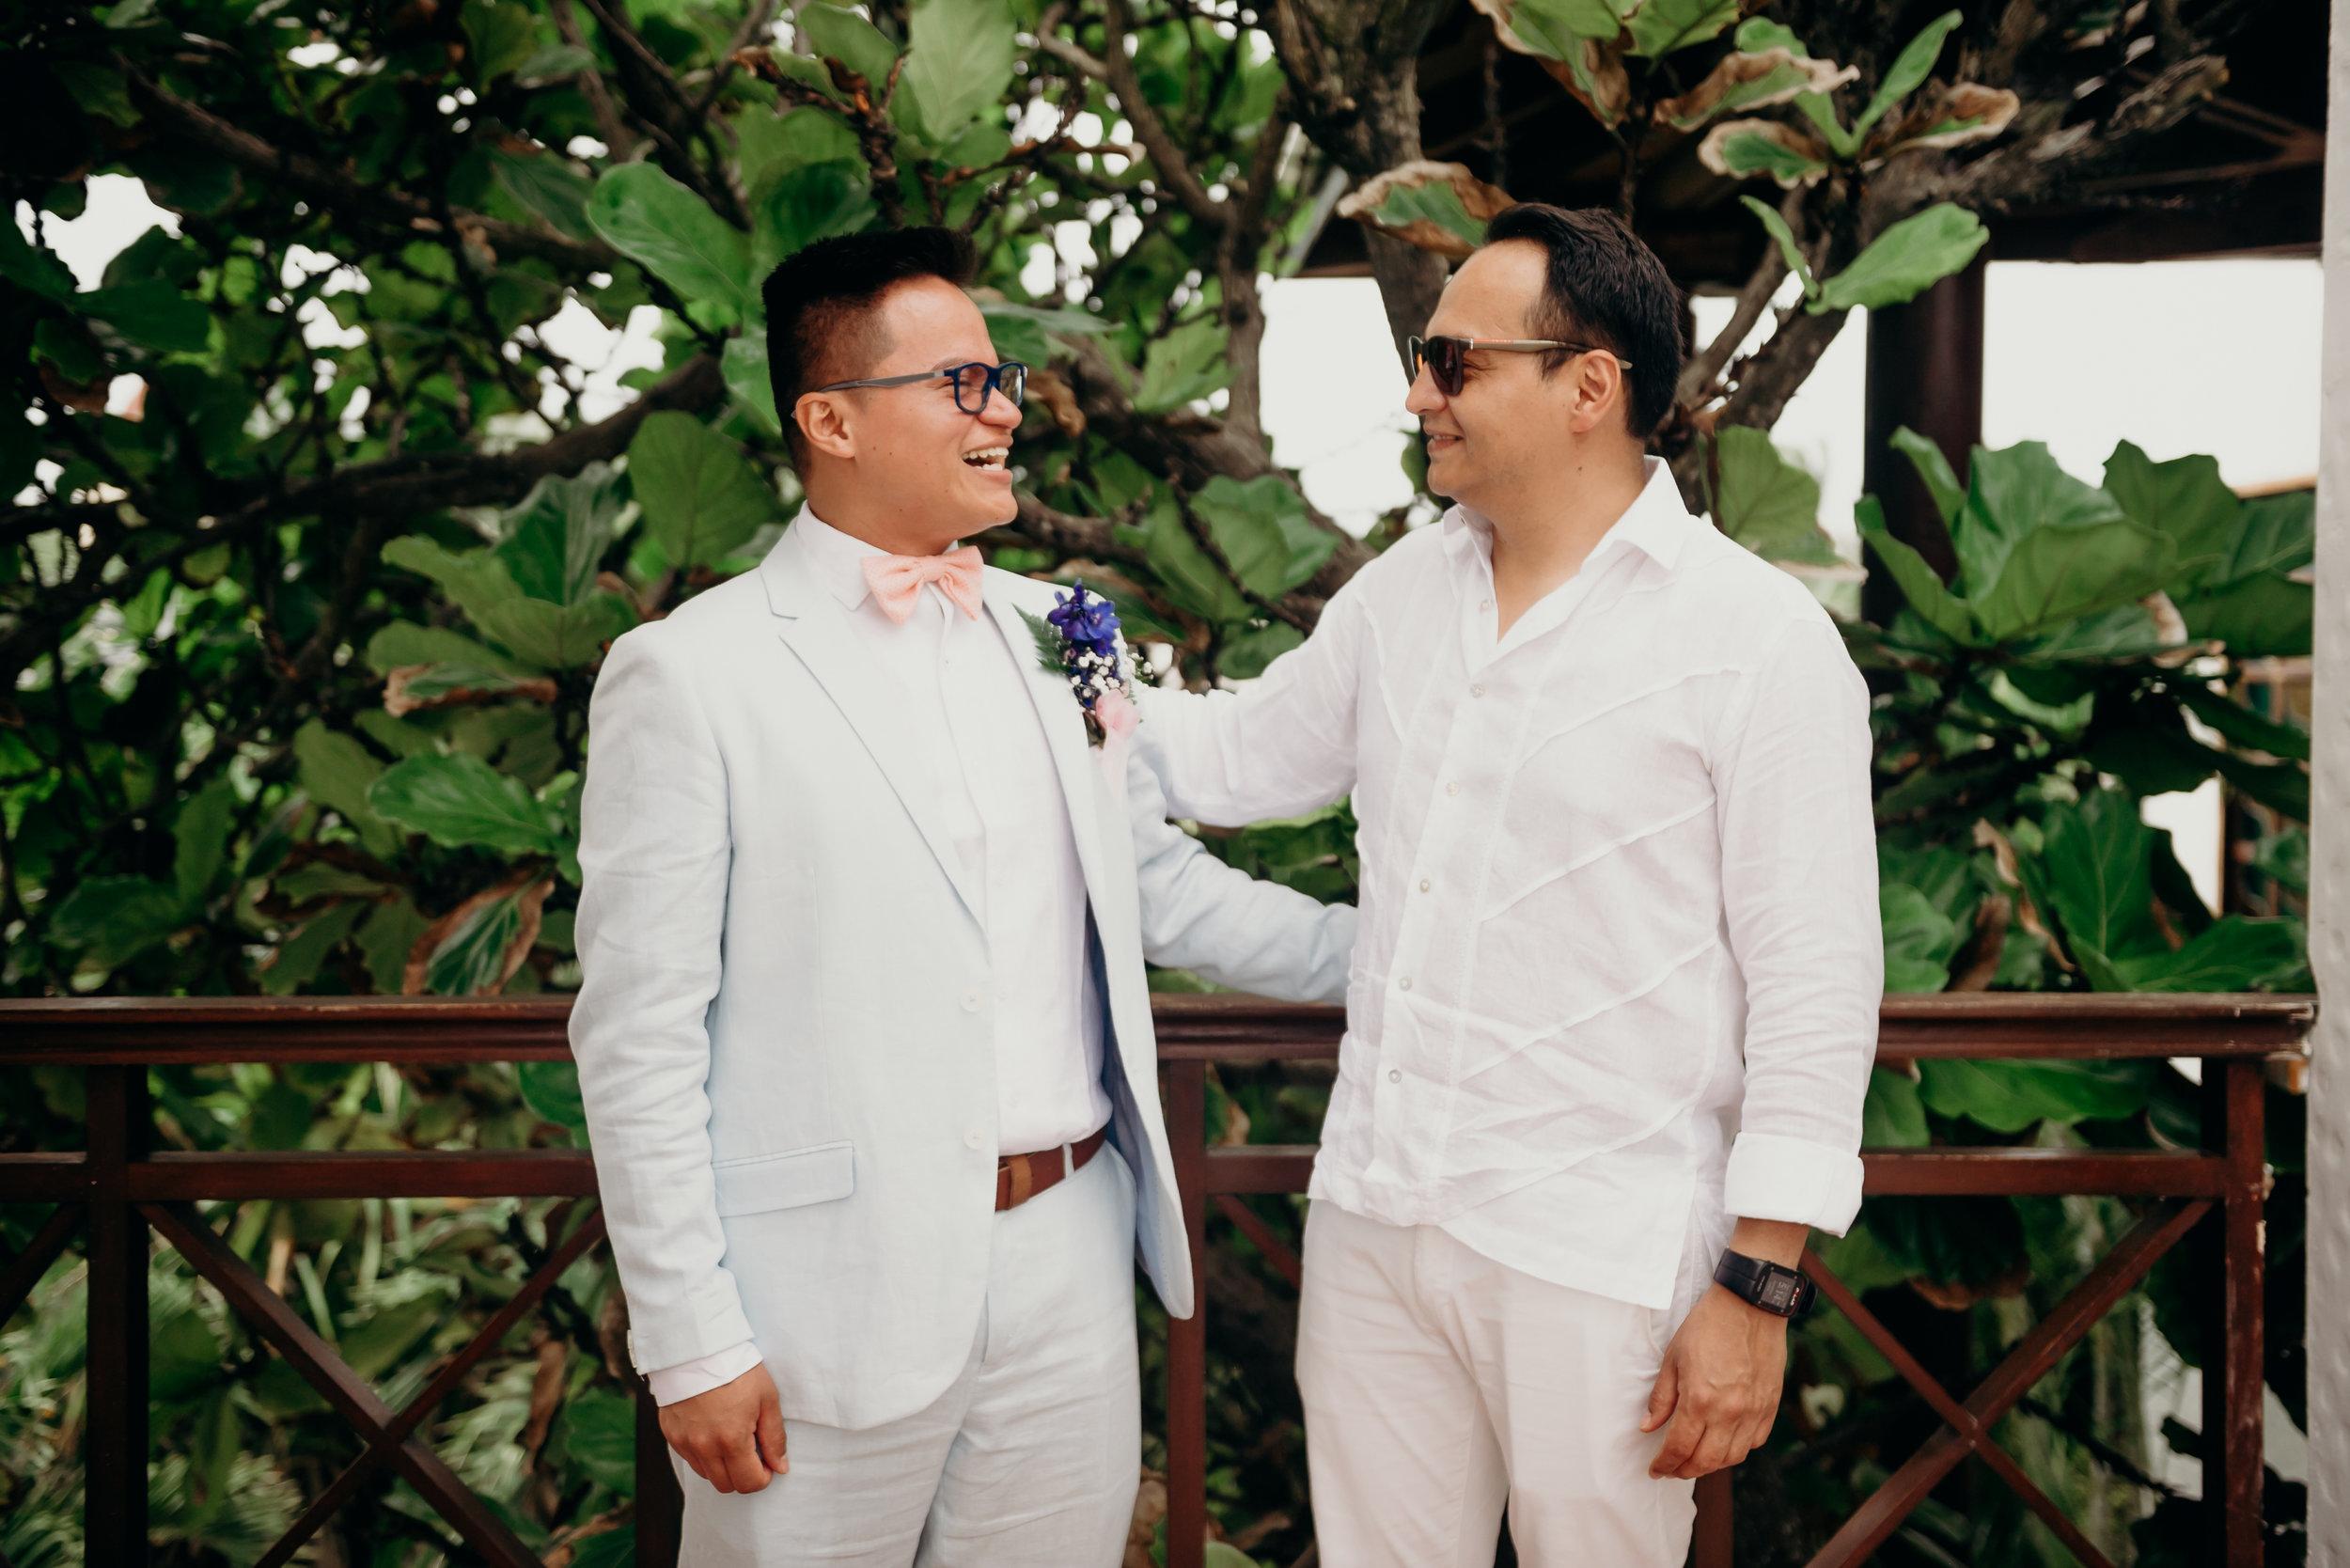 Tata & Jimmy 0176.jpg